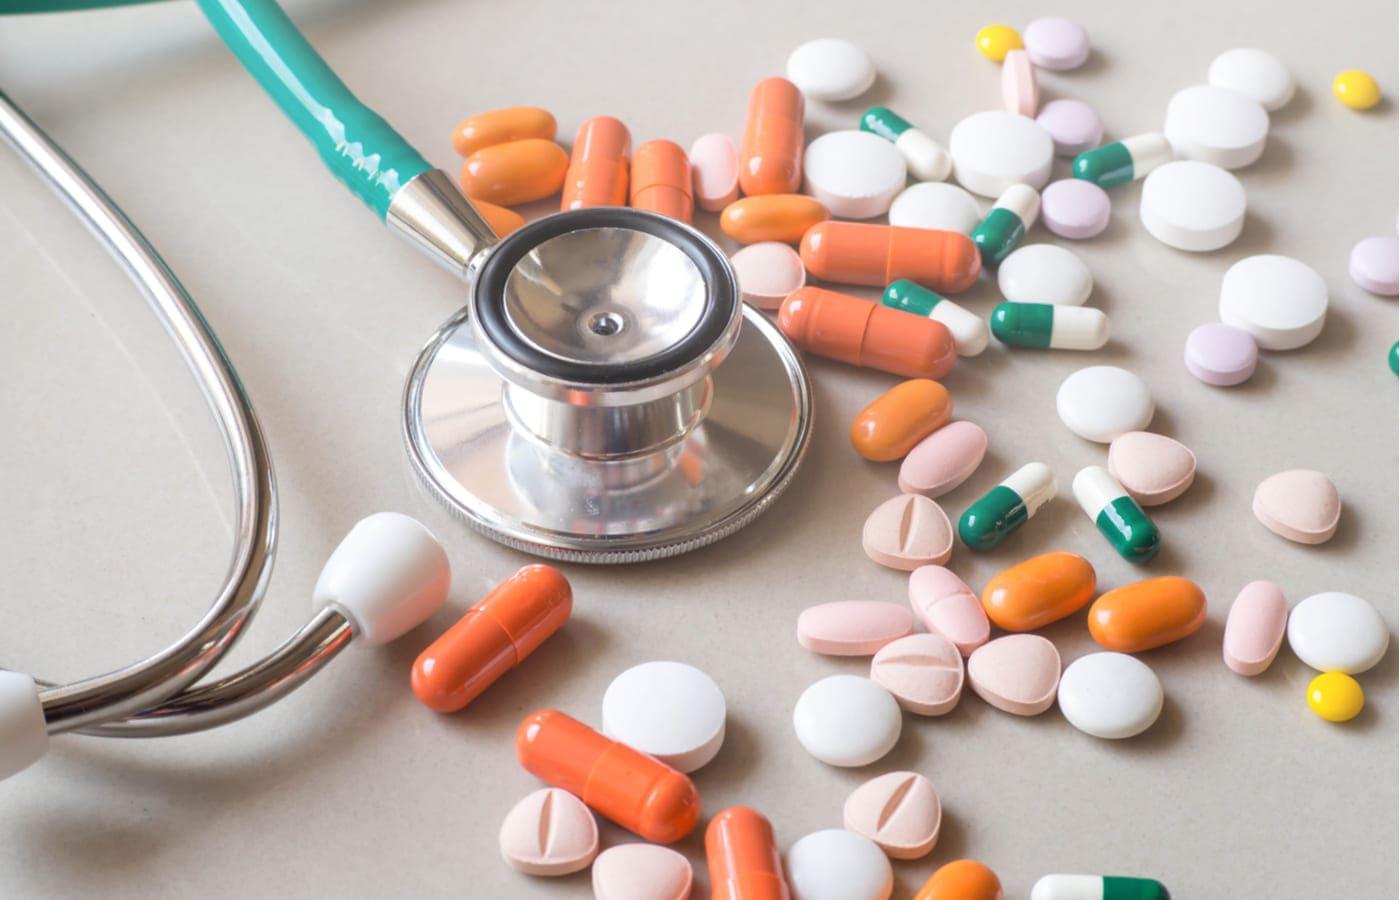 лекарственное лечение наркомании